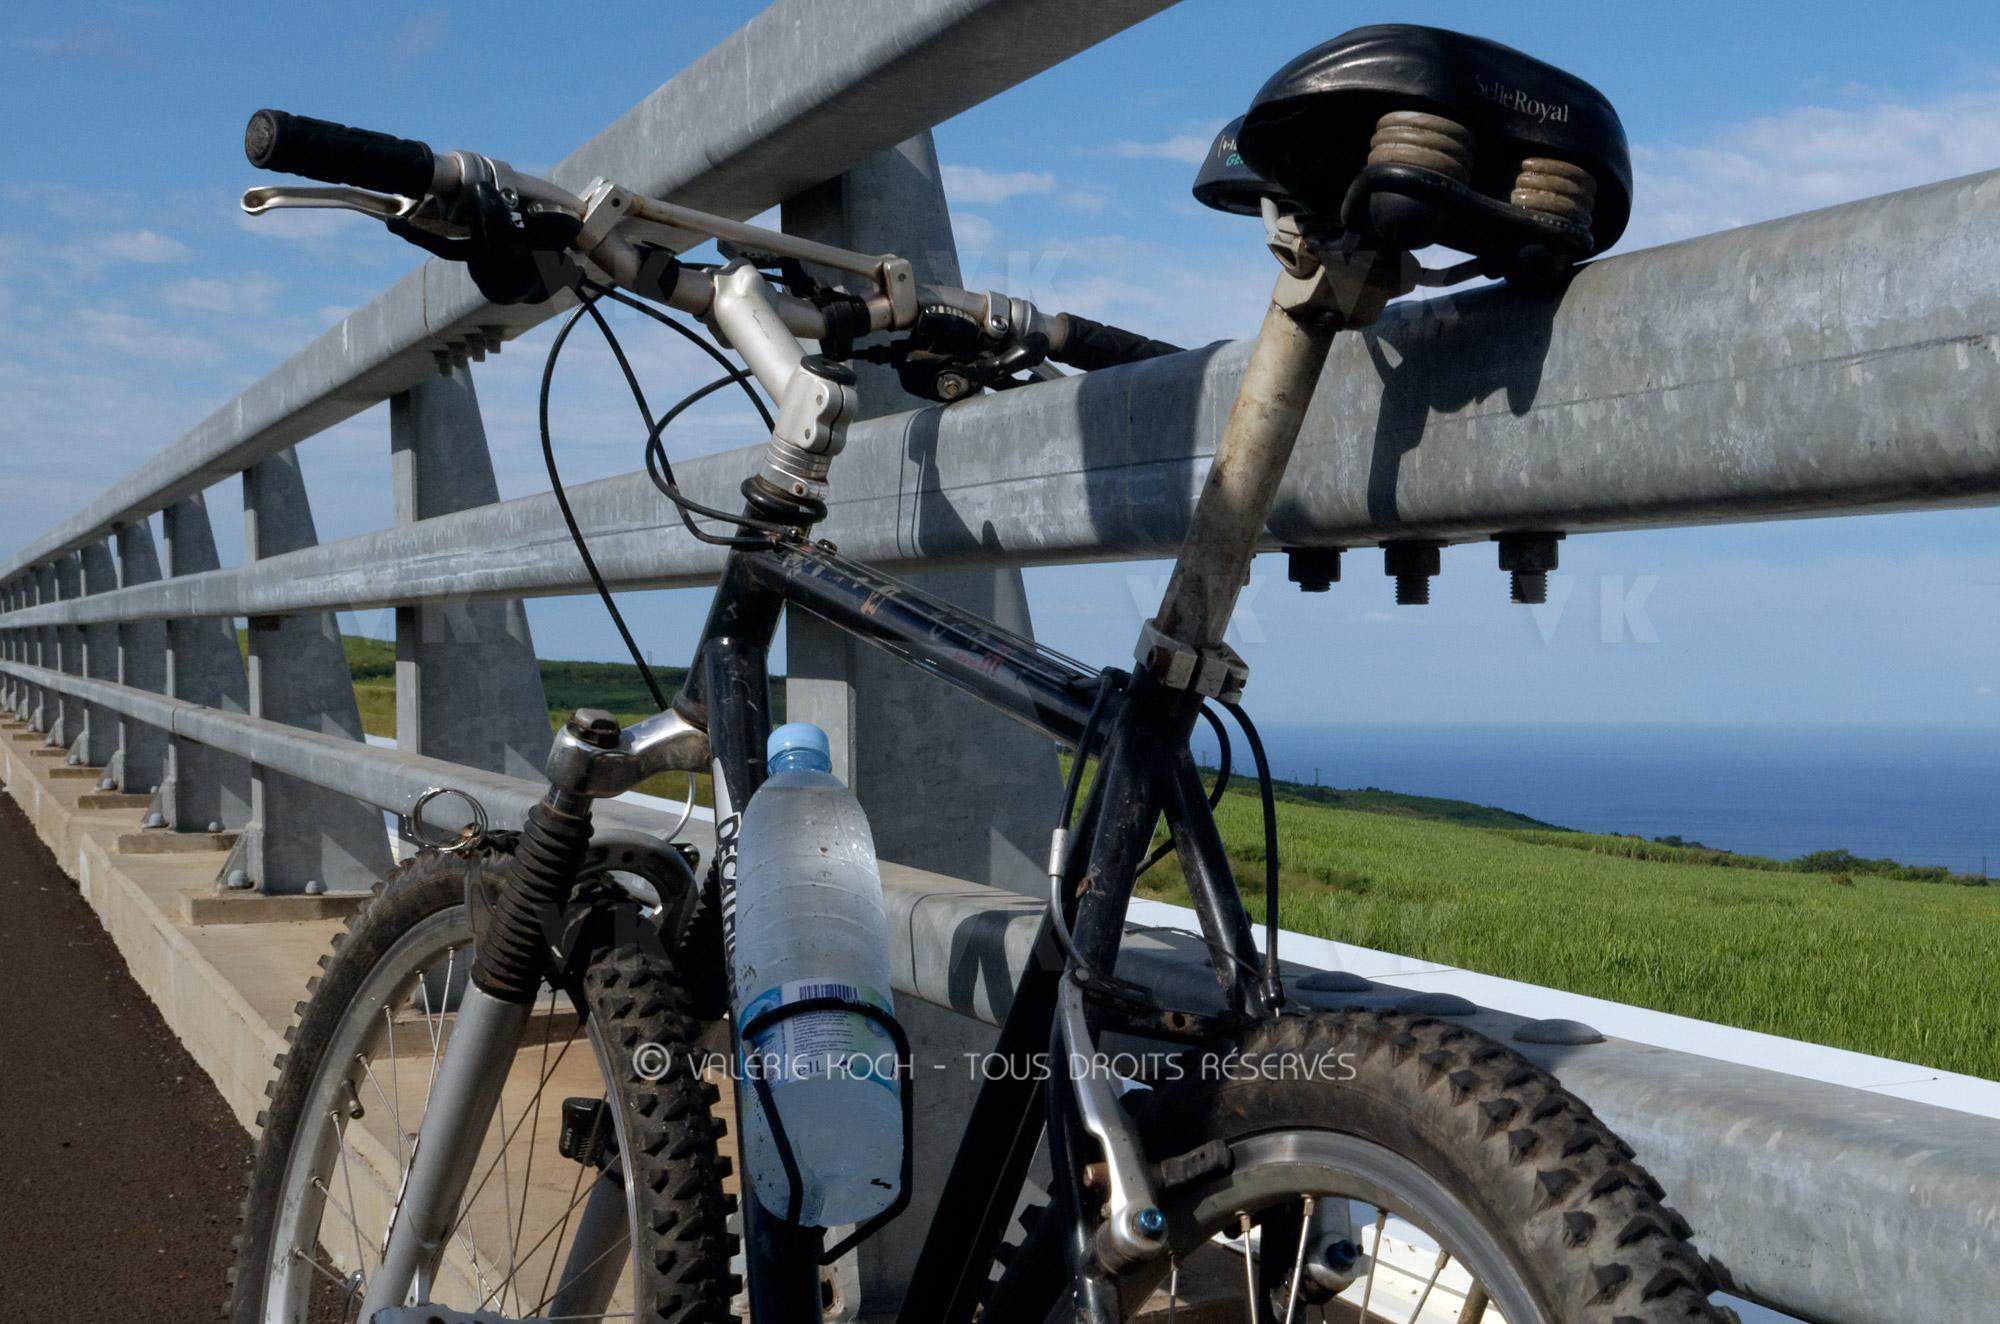 Des euros pour circuler à vélo © Valérie Koch - Tous droits réservés